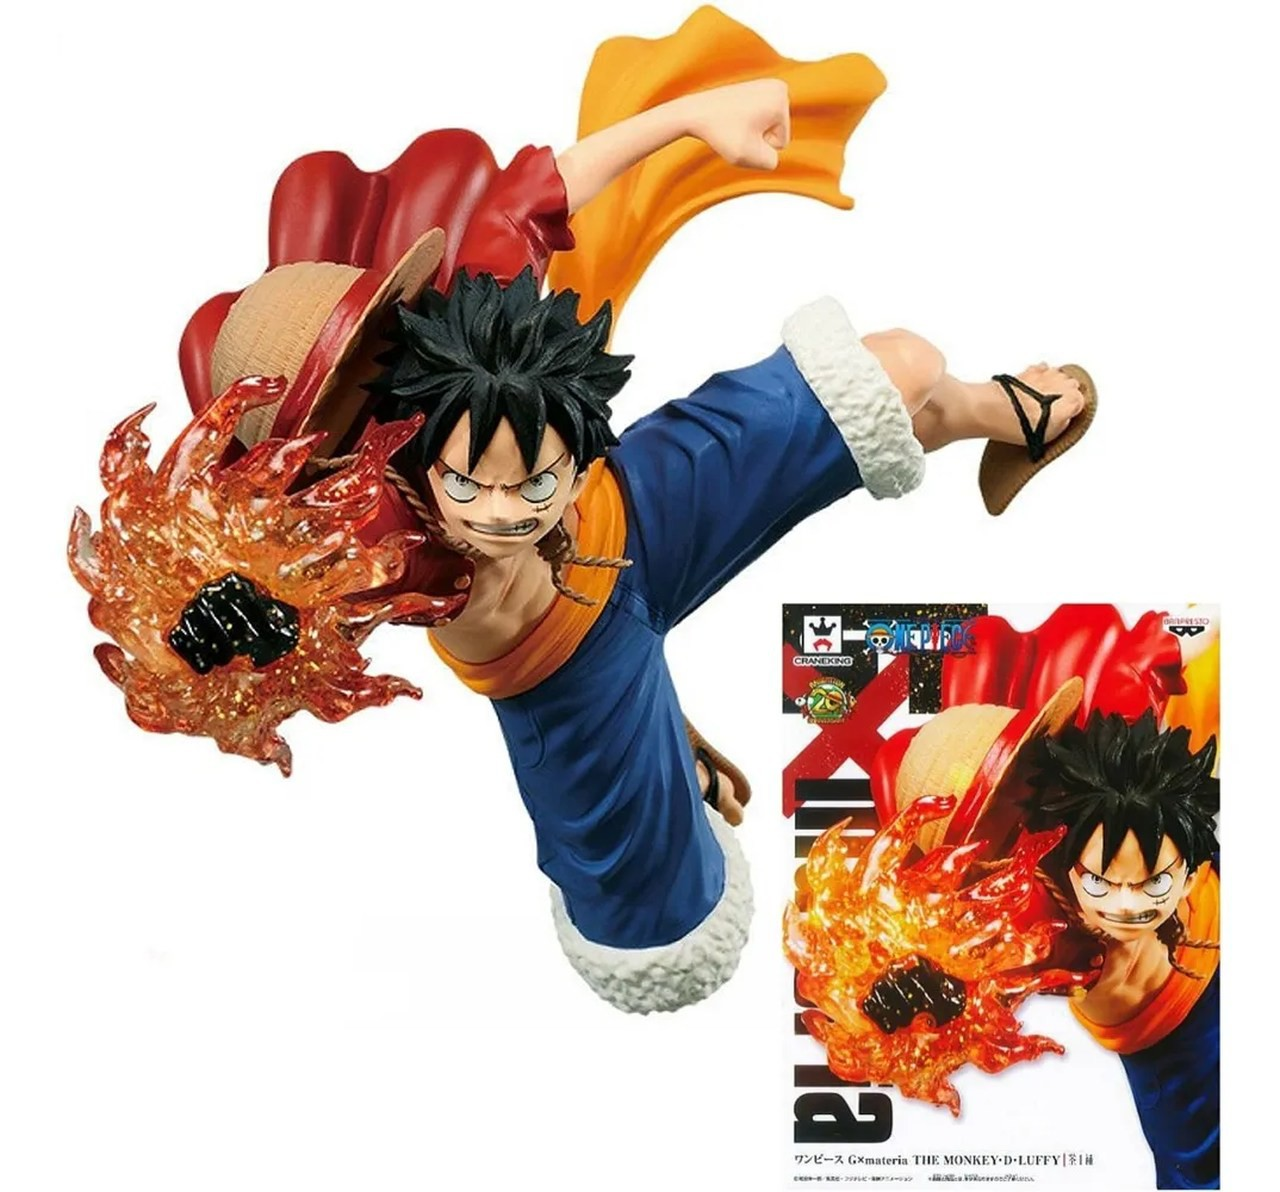 Boneco One Piece - Monkey D. Luffy - Gxmateria - Banpresto